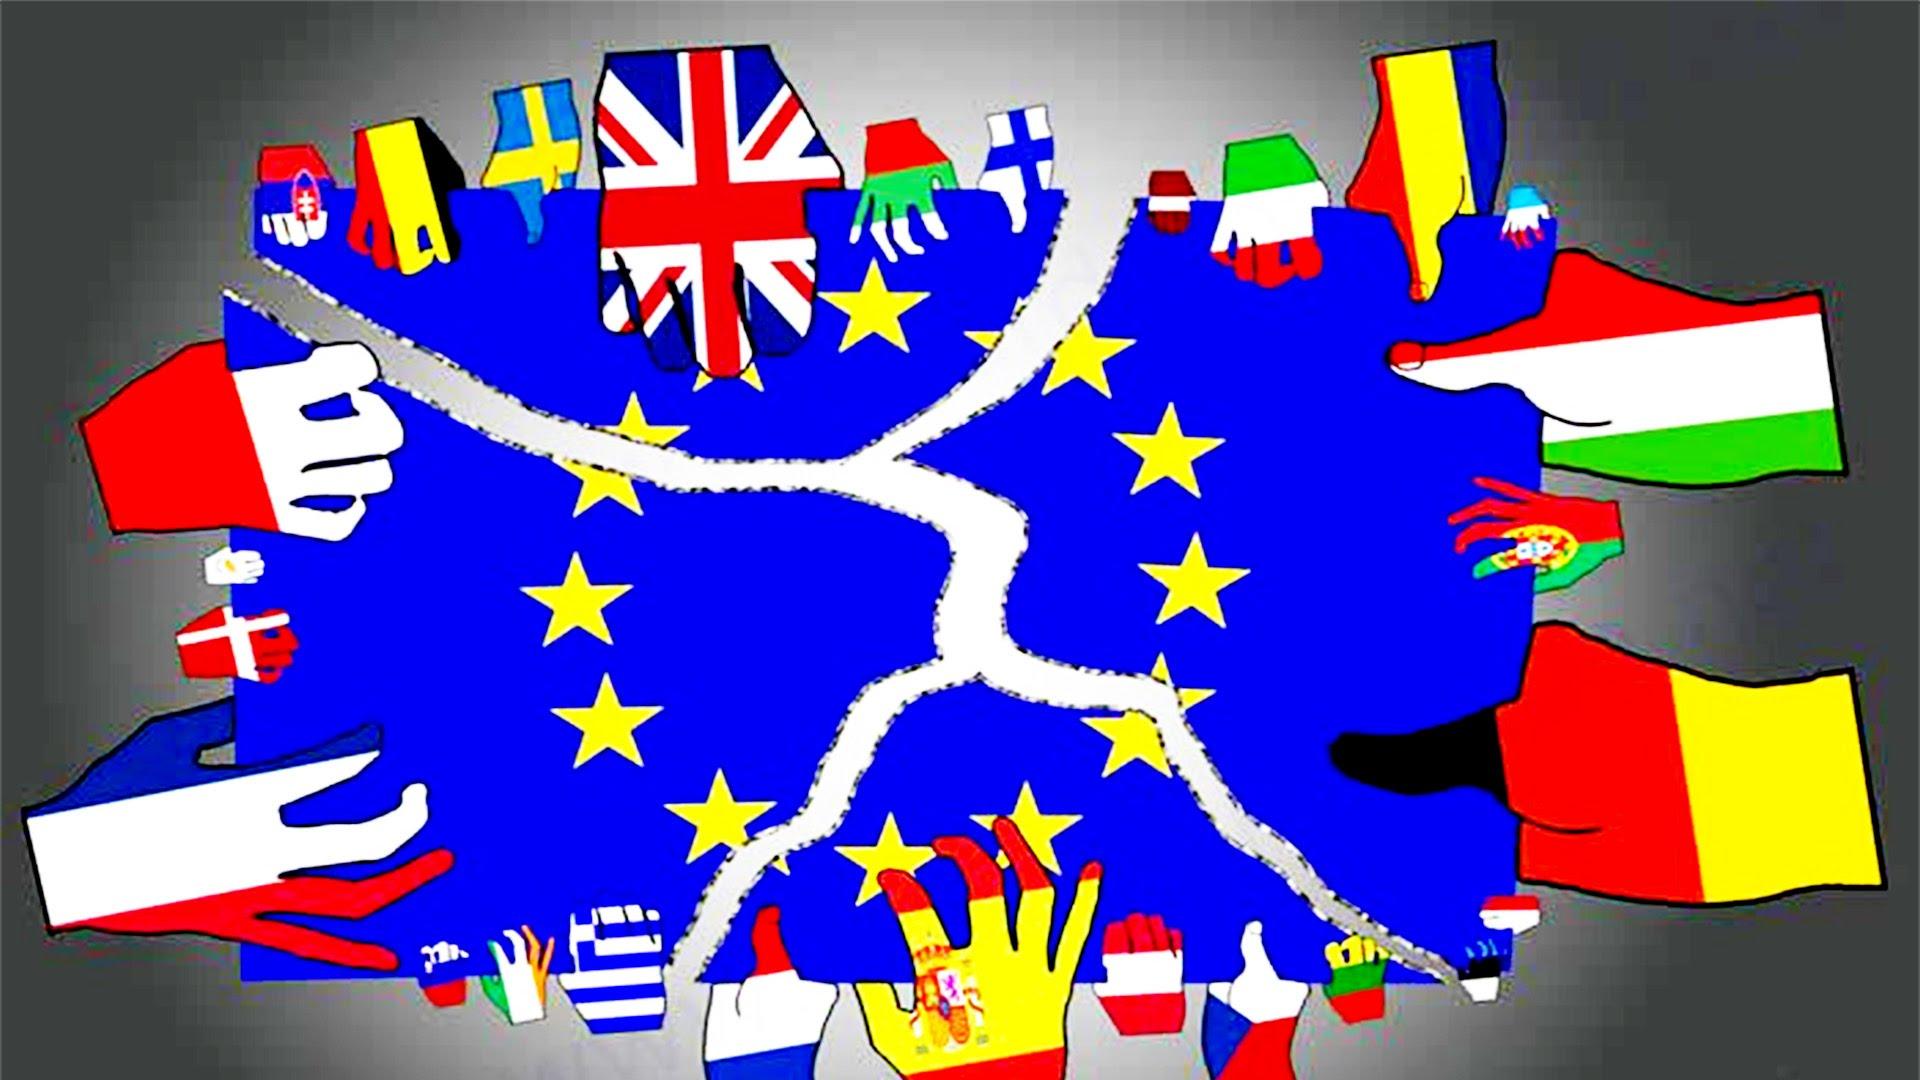 Острова сырьевых нищебродов... Новый Миропорядок-9: «Лучшая рифма к слову Европа» (mamomot)